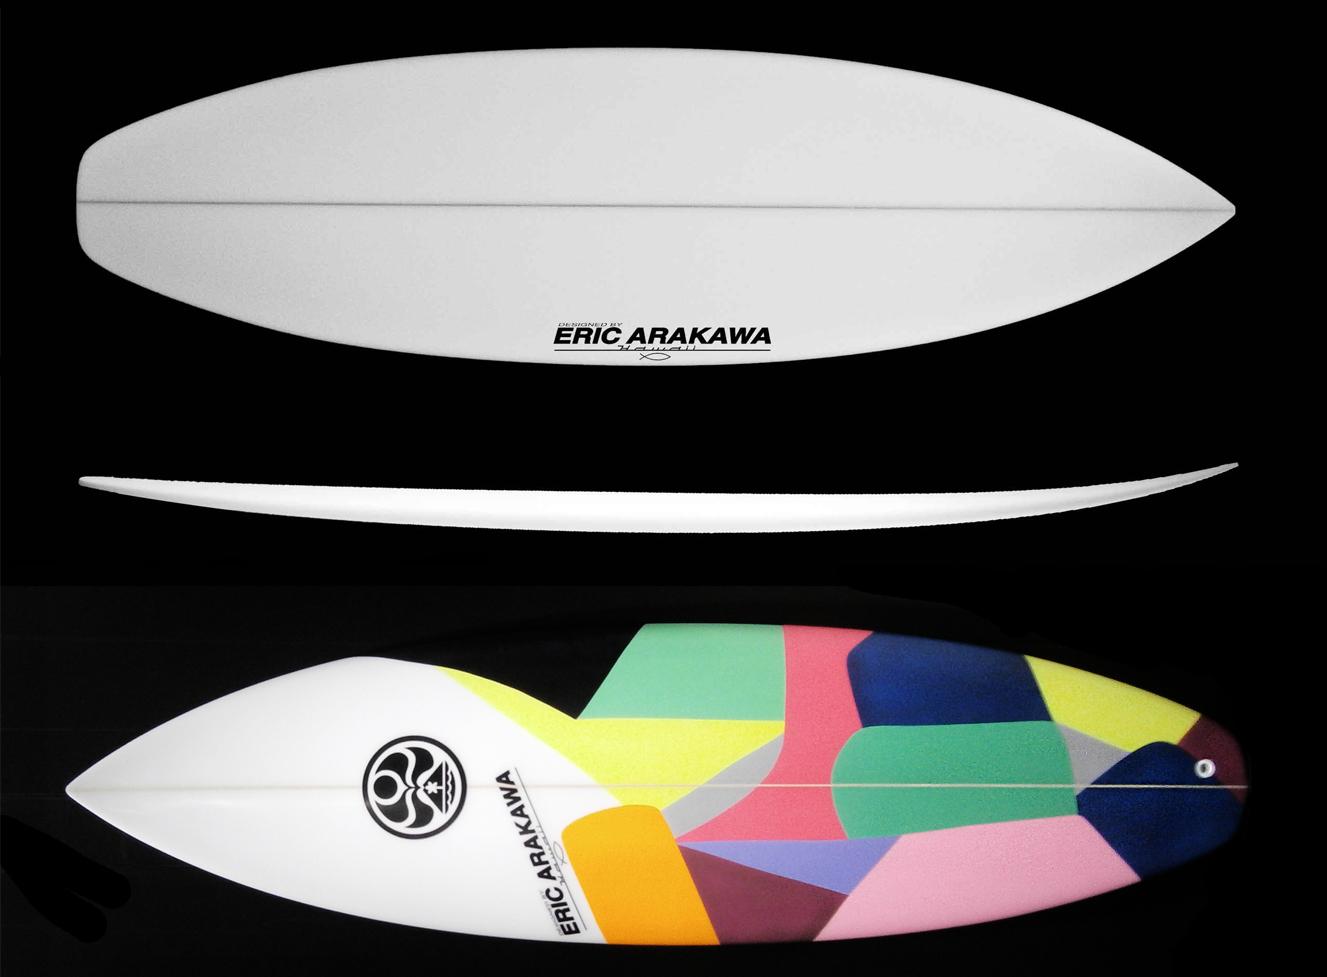 transformer hic eric arakawa surfboard